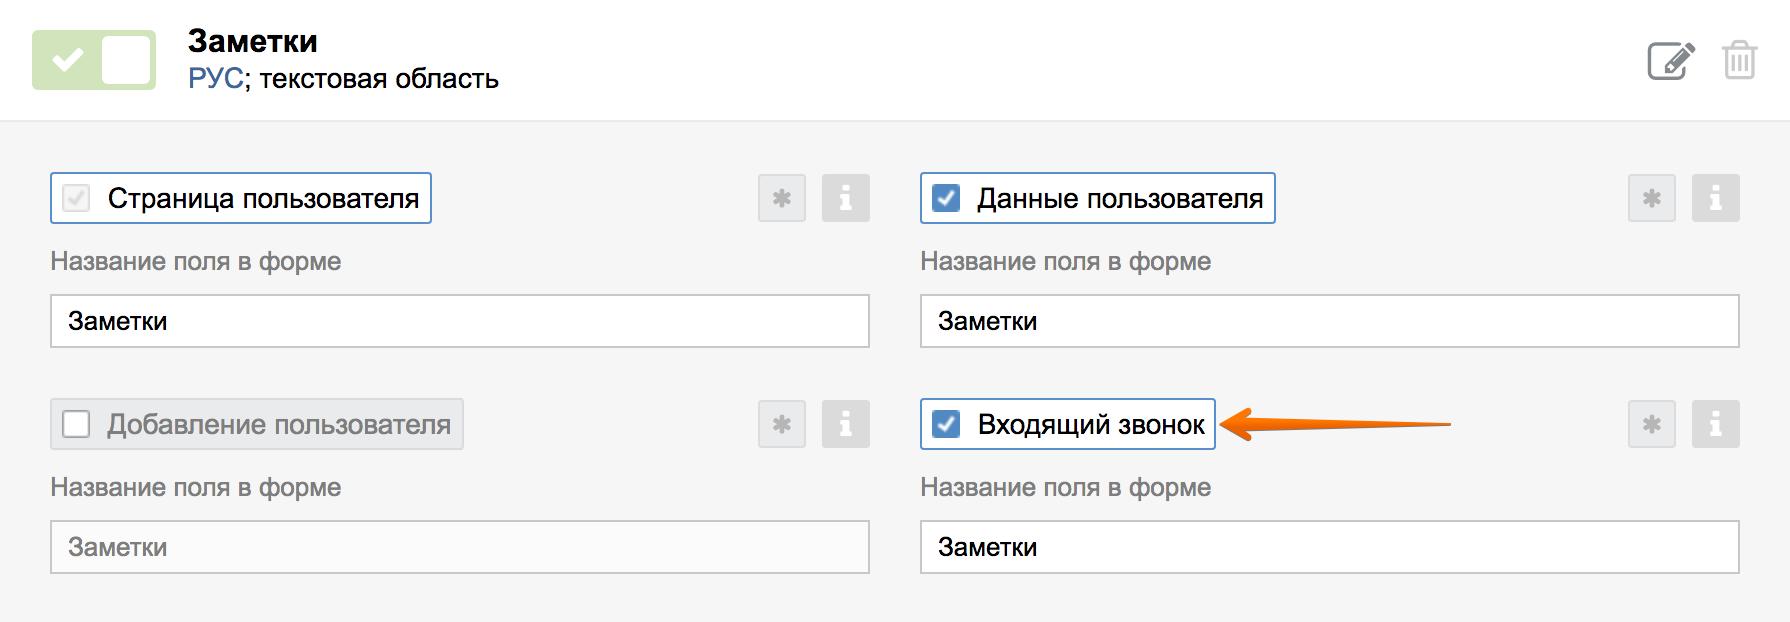 files.php?filename=23d0ca39c7d97d0a6163d